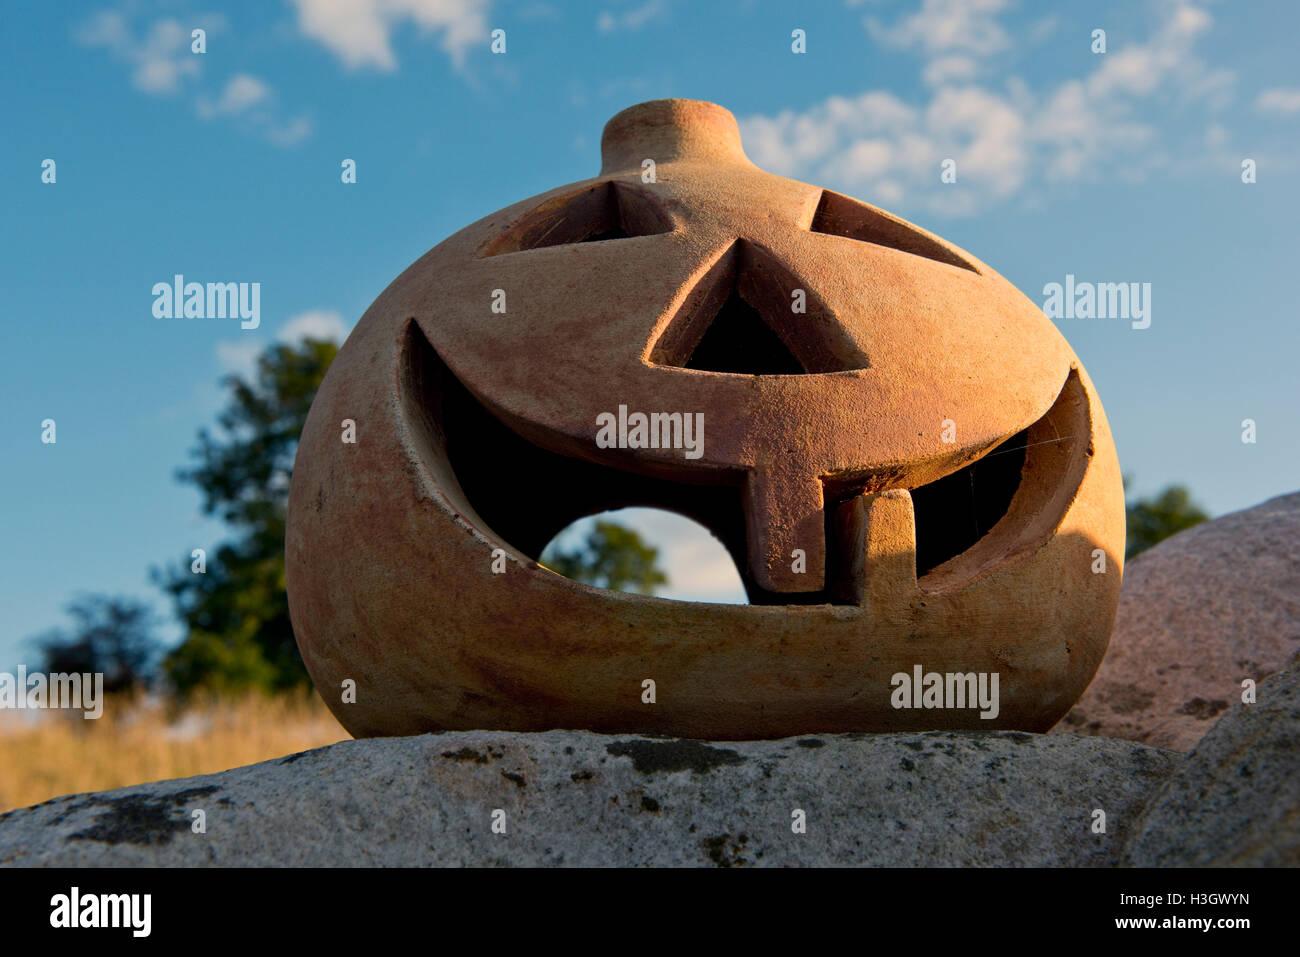 Una calabaza de terracota con los ojos, la nariz y la boca y dos dientes, listo para Halloween Foto de stock